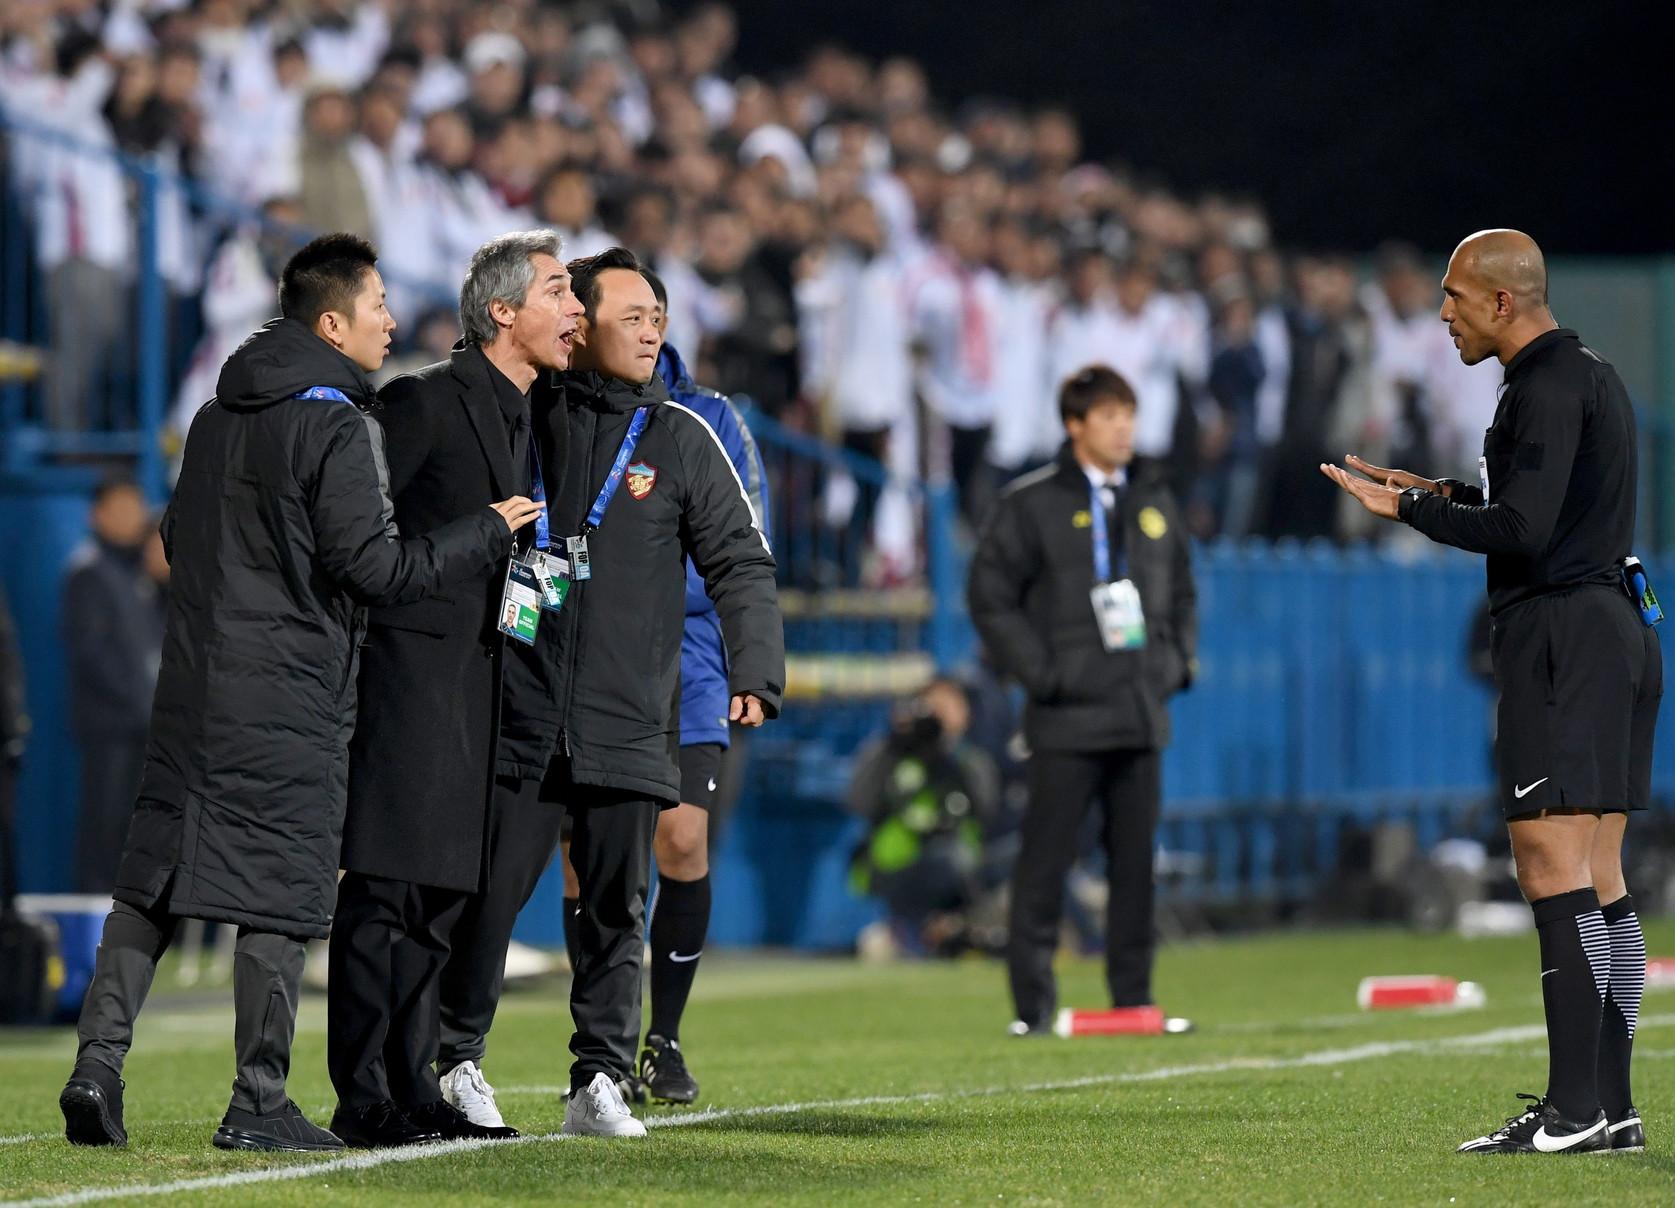 Ha allenato il Tianjin nel 2017-18 dopo la fine dell'avventura alla Fiorentina